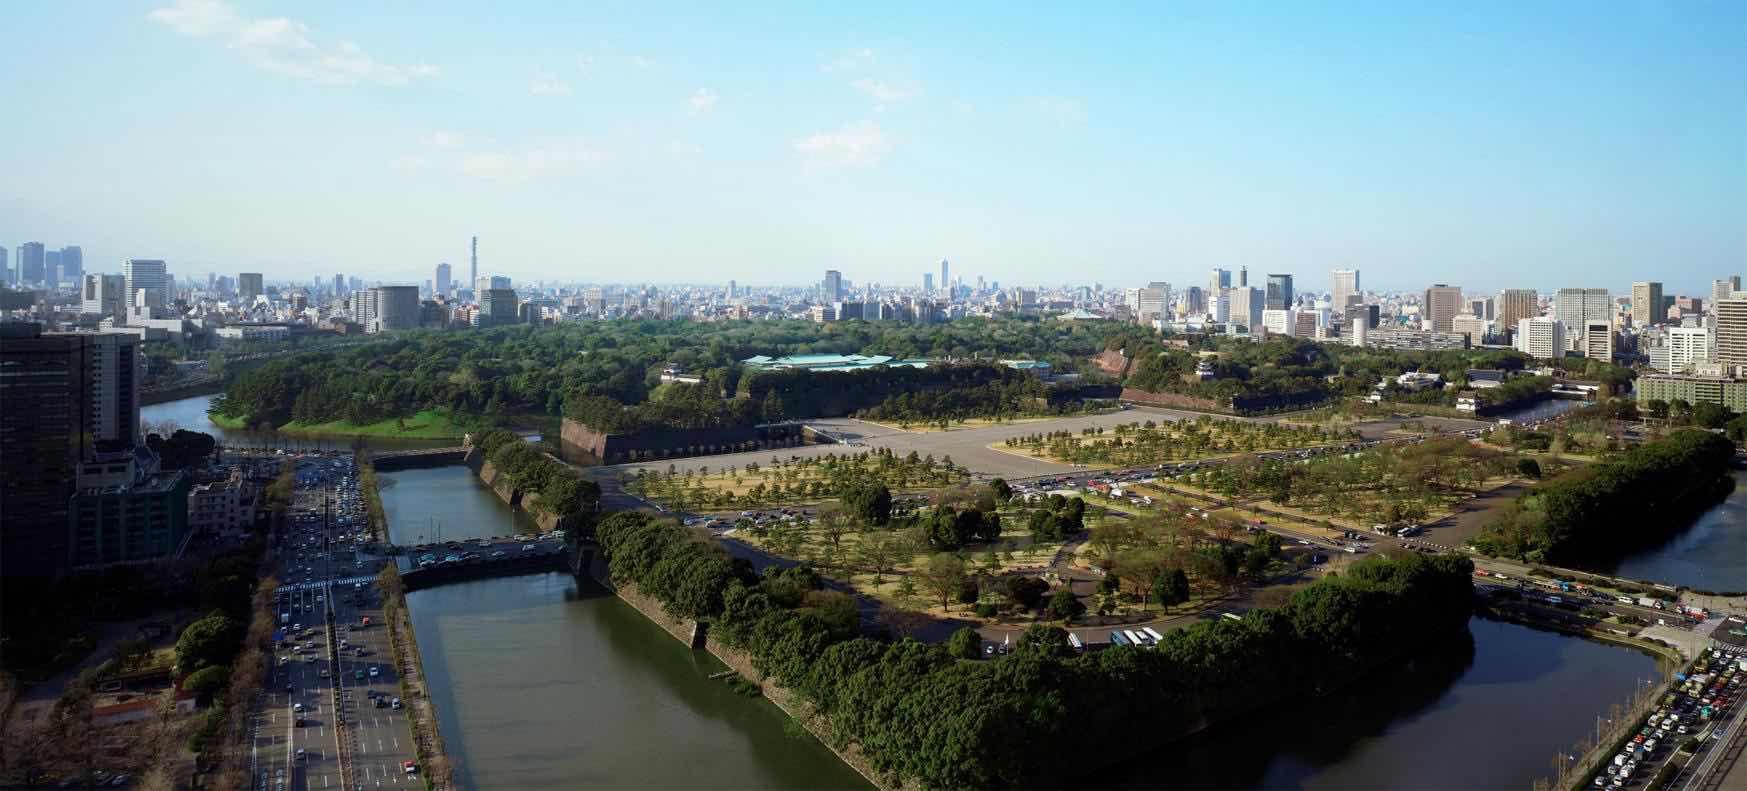 Caminata por el Jardín del Palacio Imperial